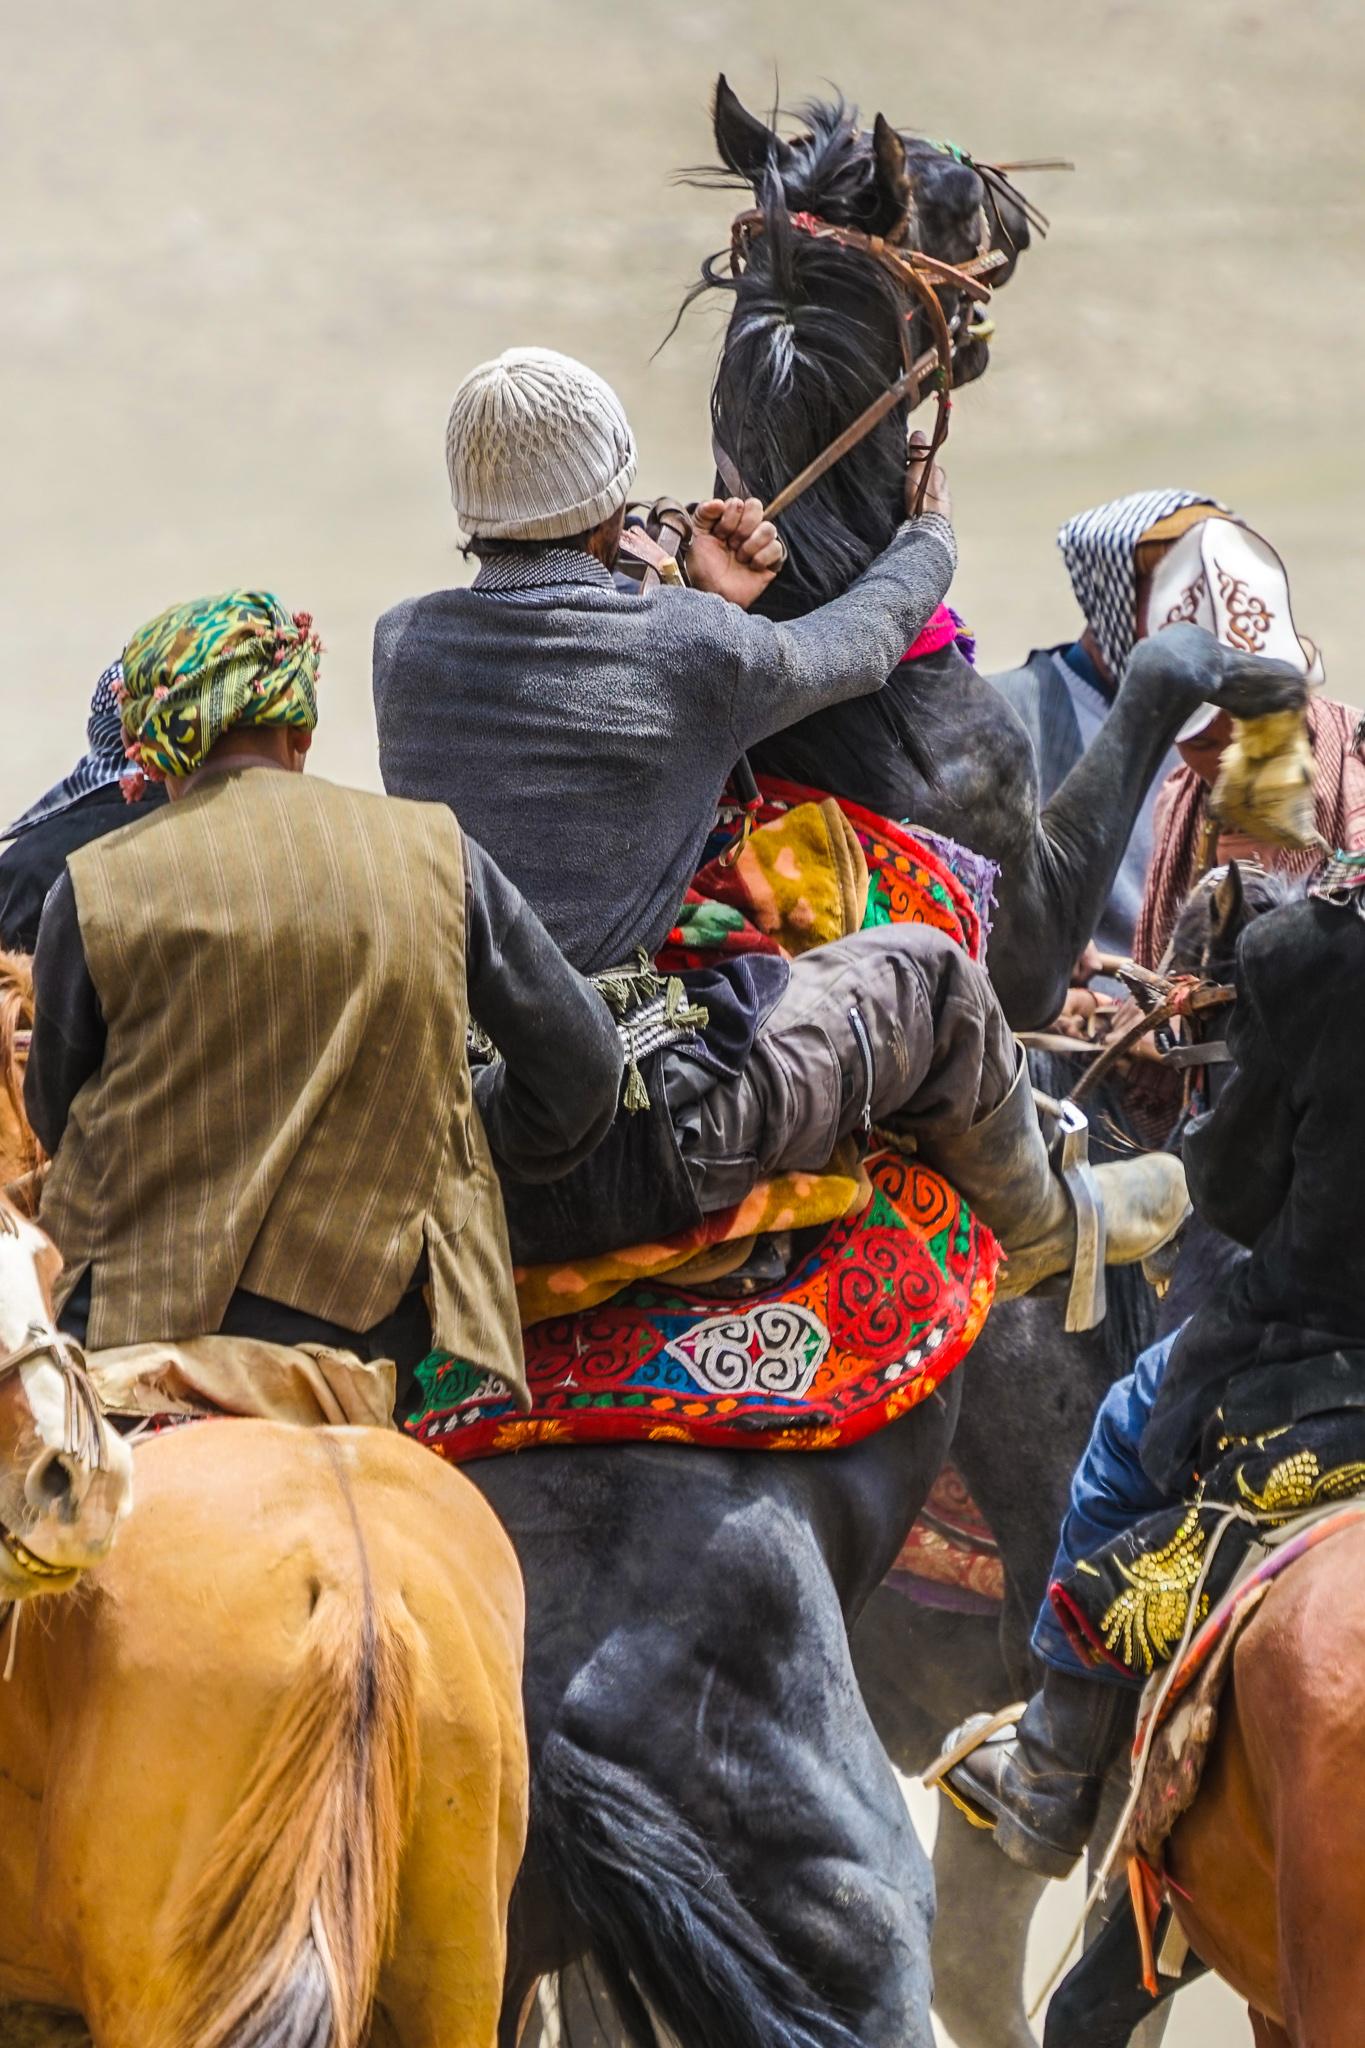 During a game of buzkashi, Wakhi men rear their horses